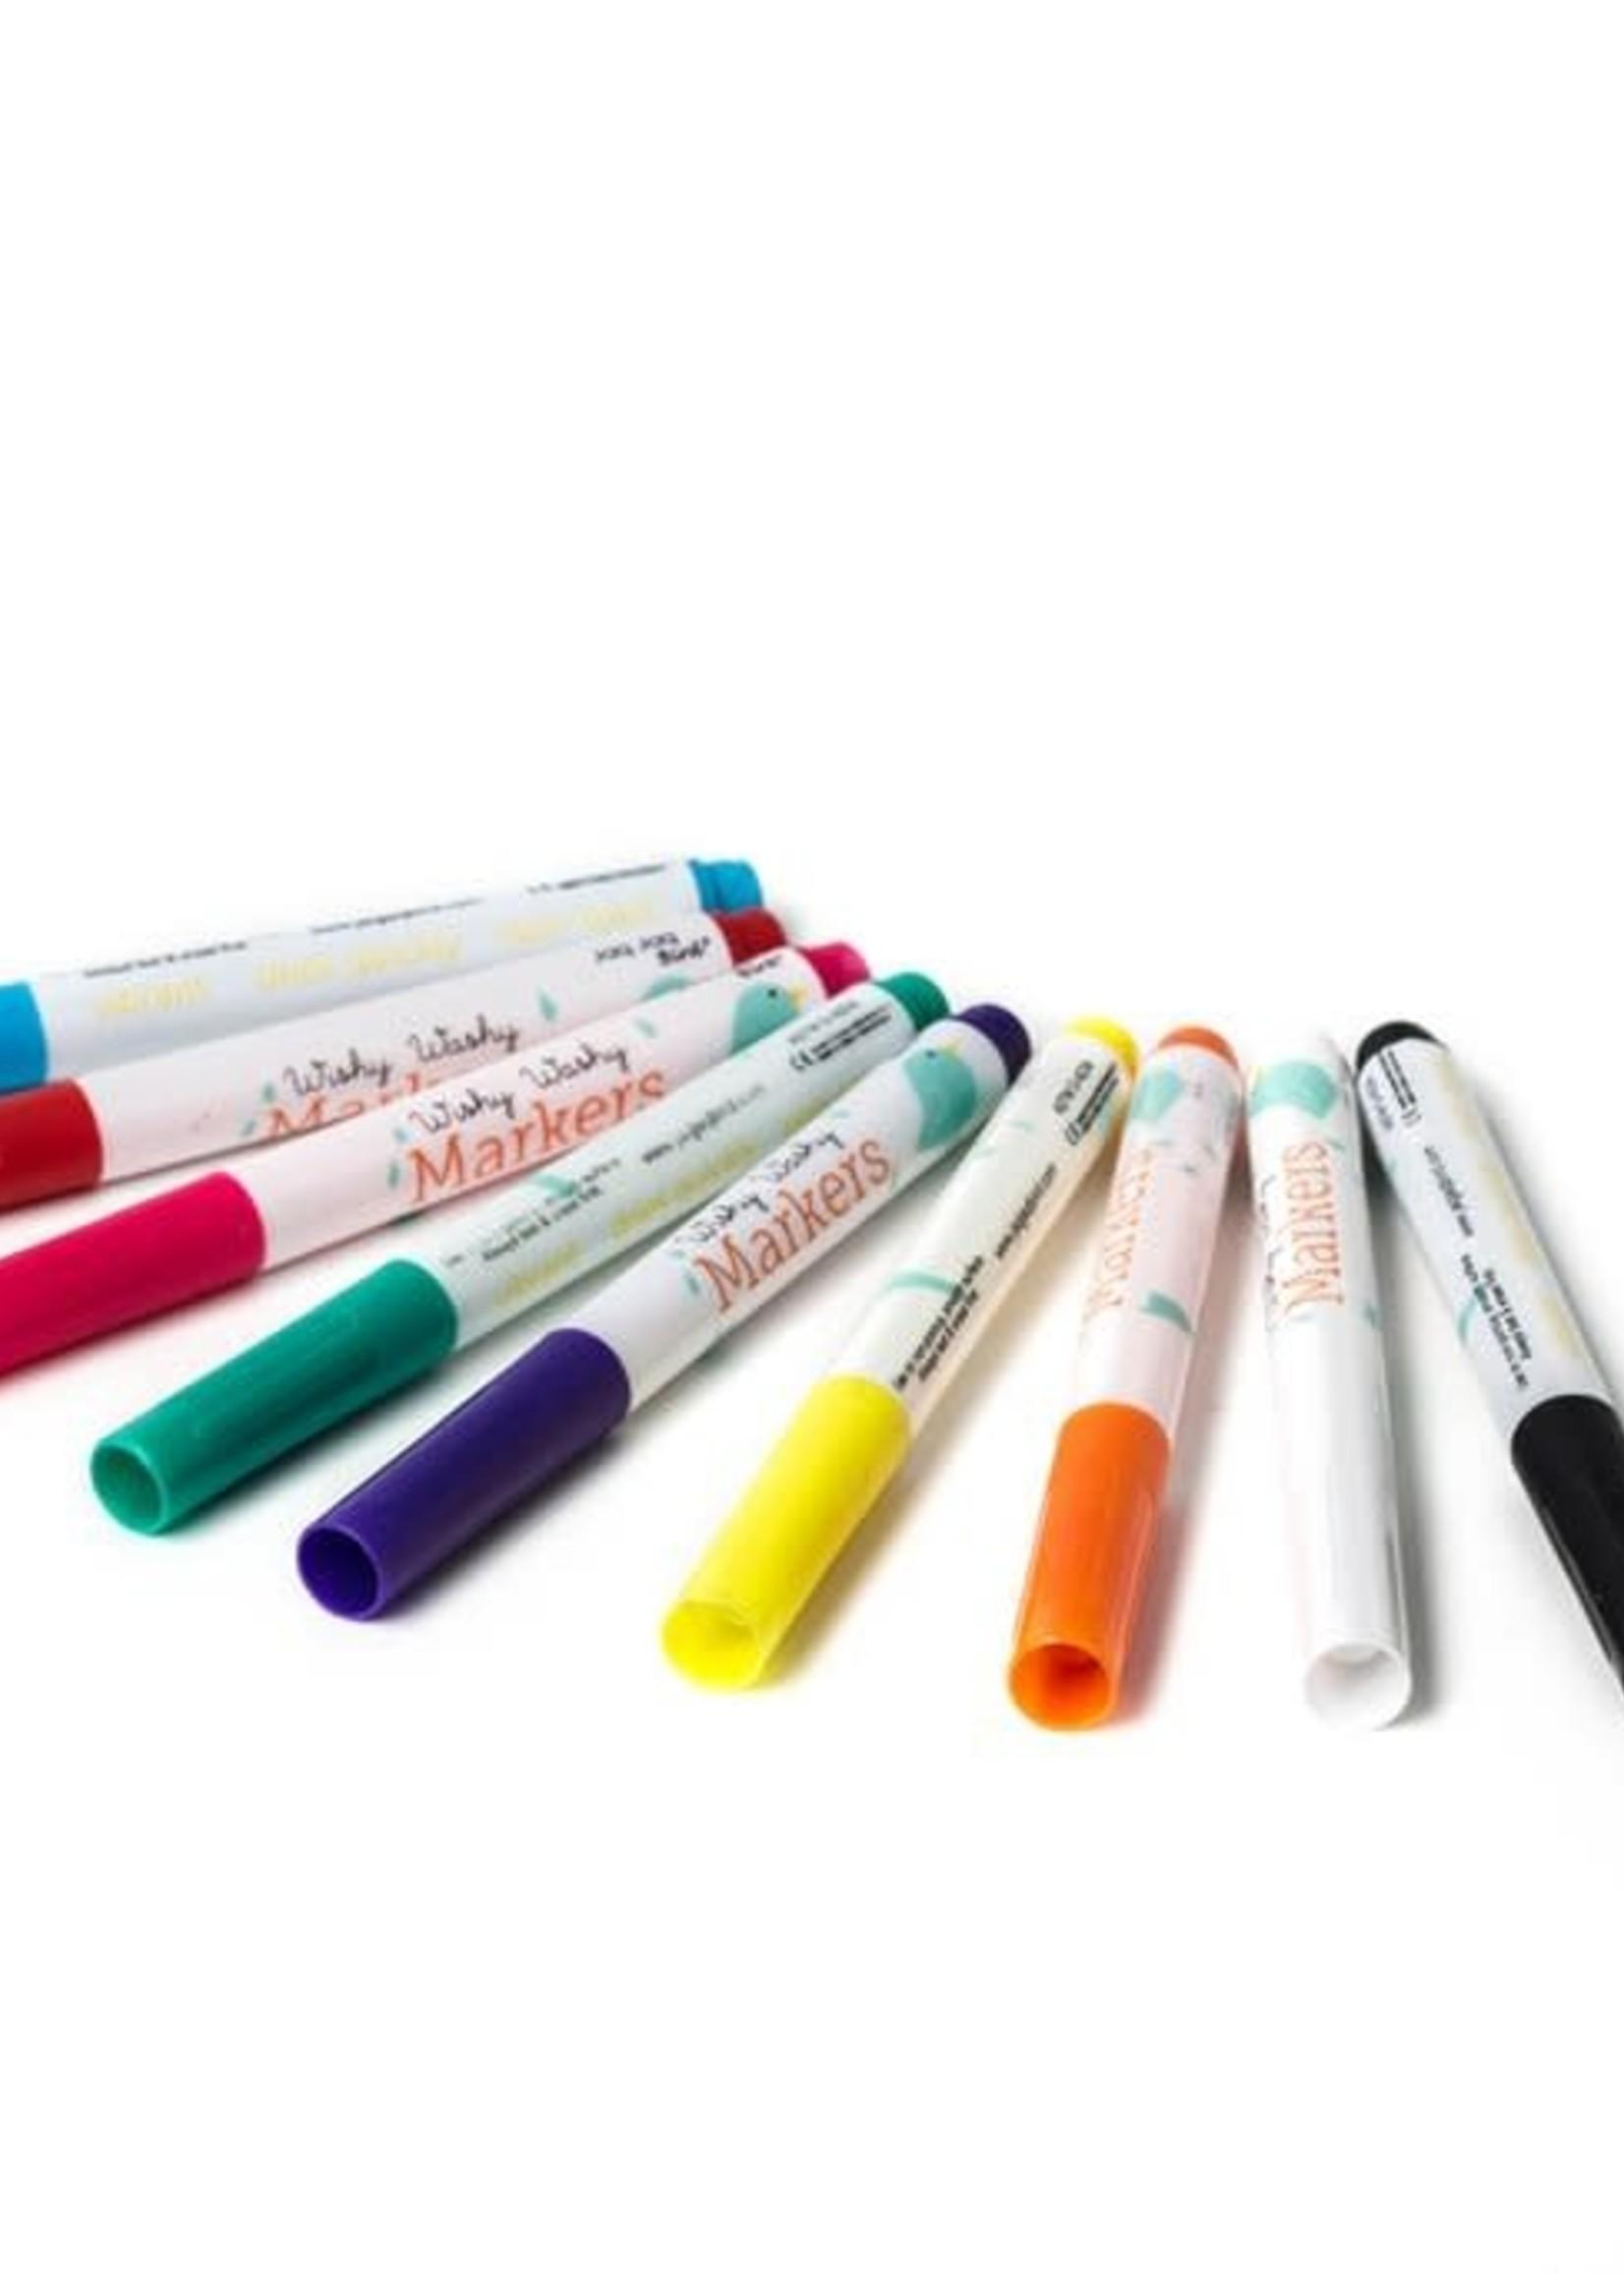 Jaq Jaq Bird Wishy washy markers